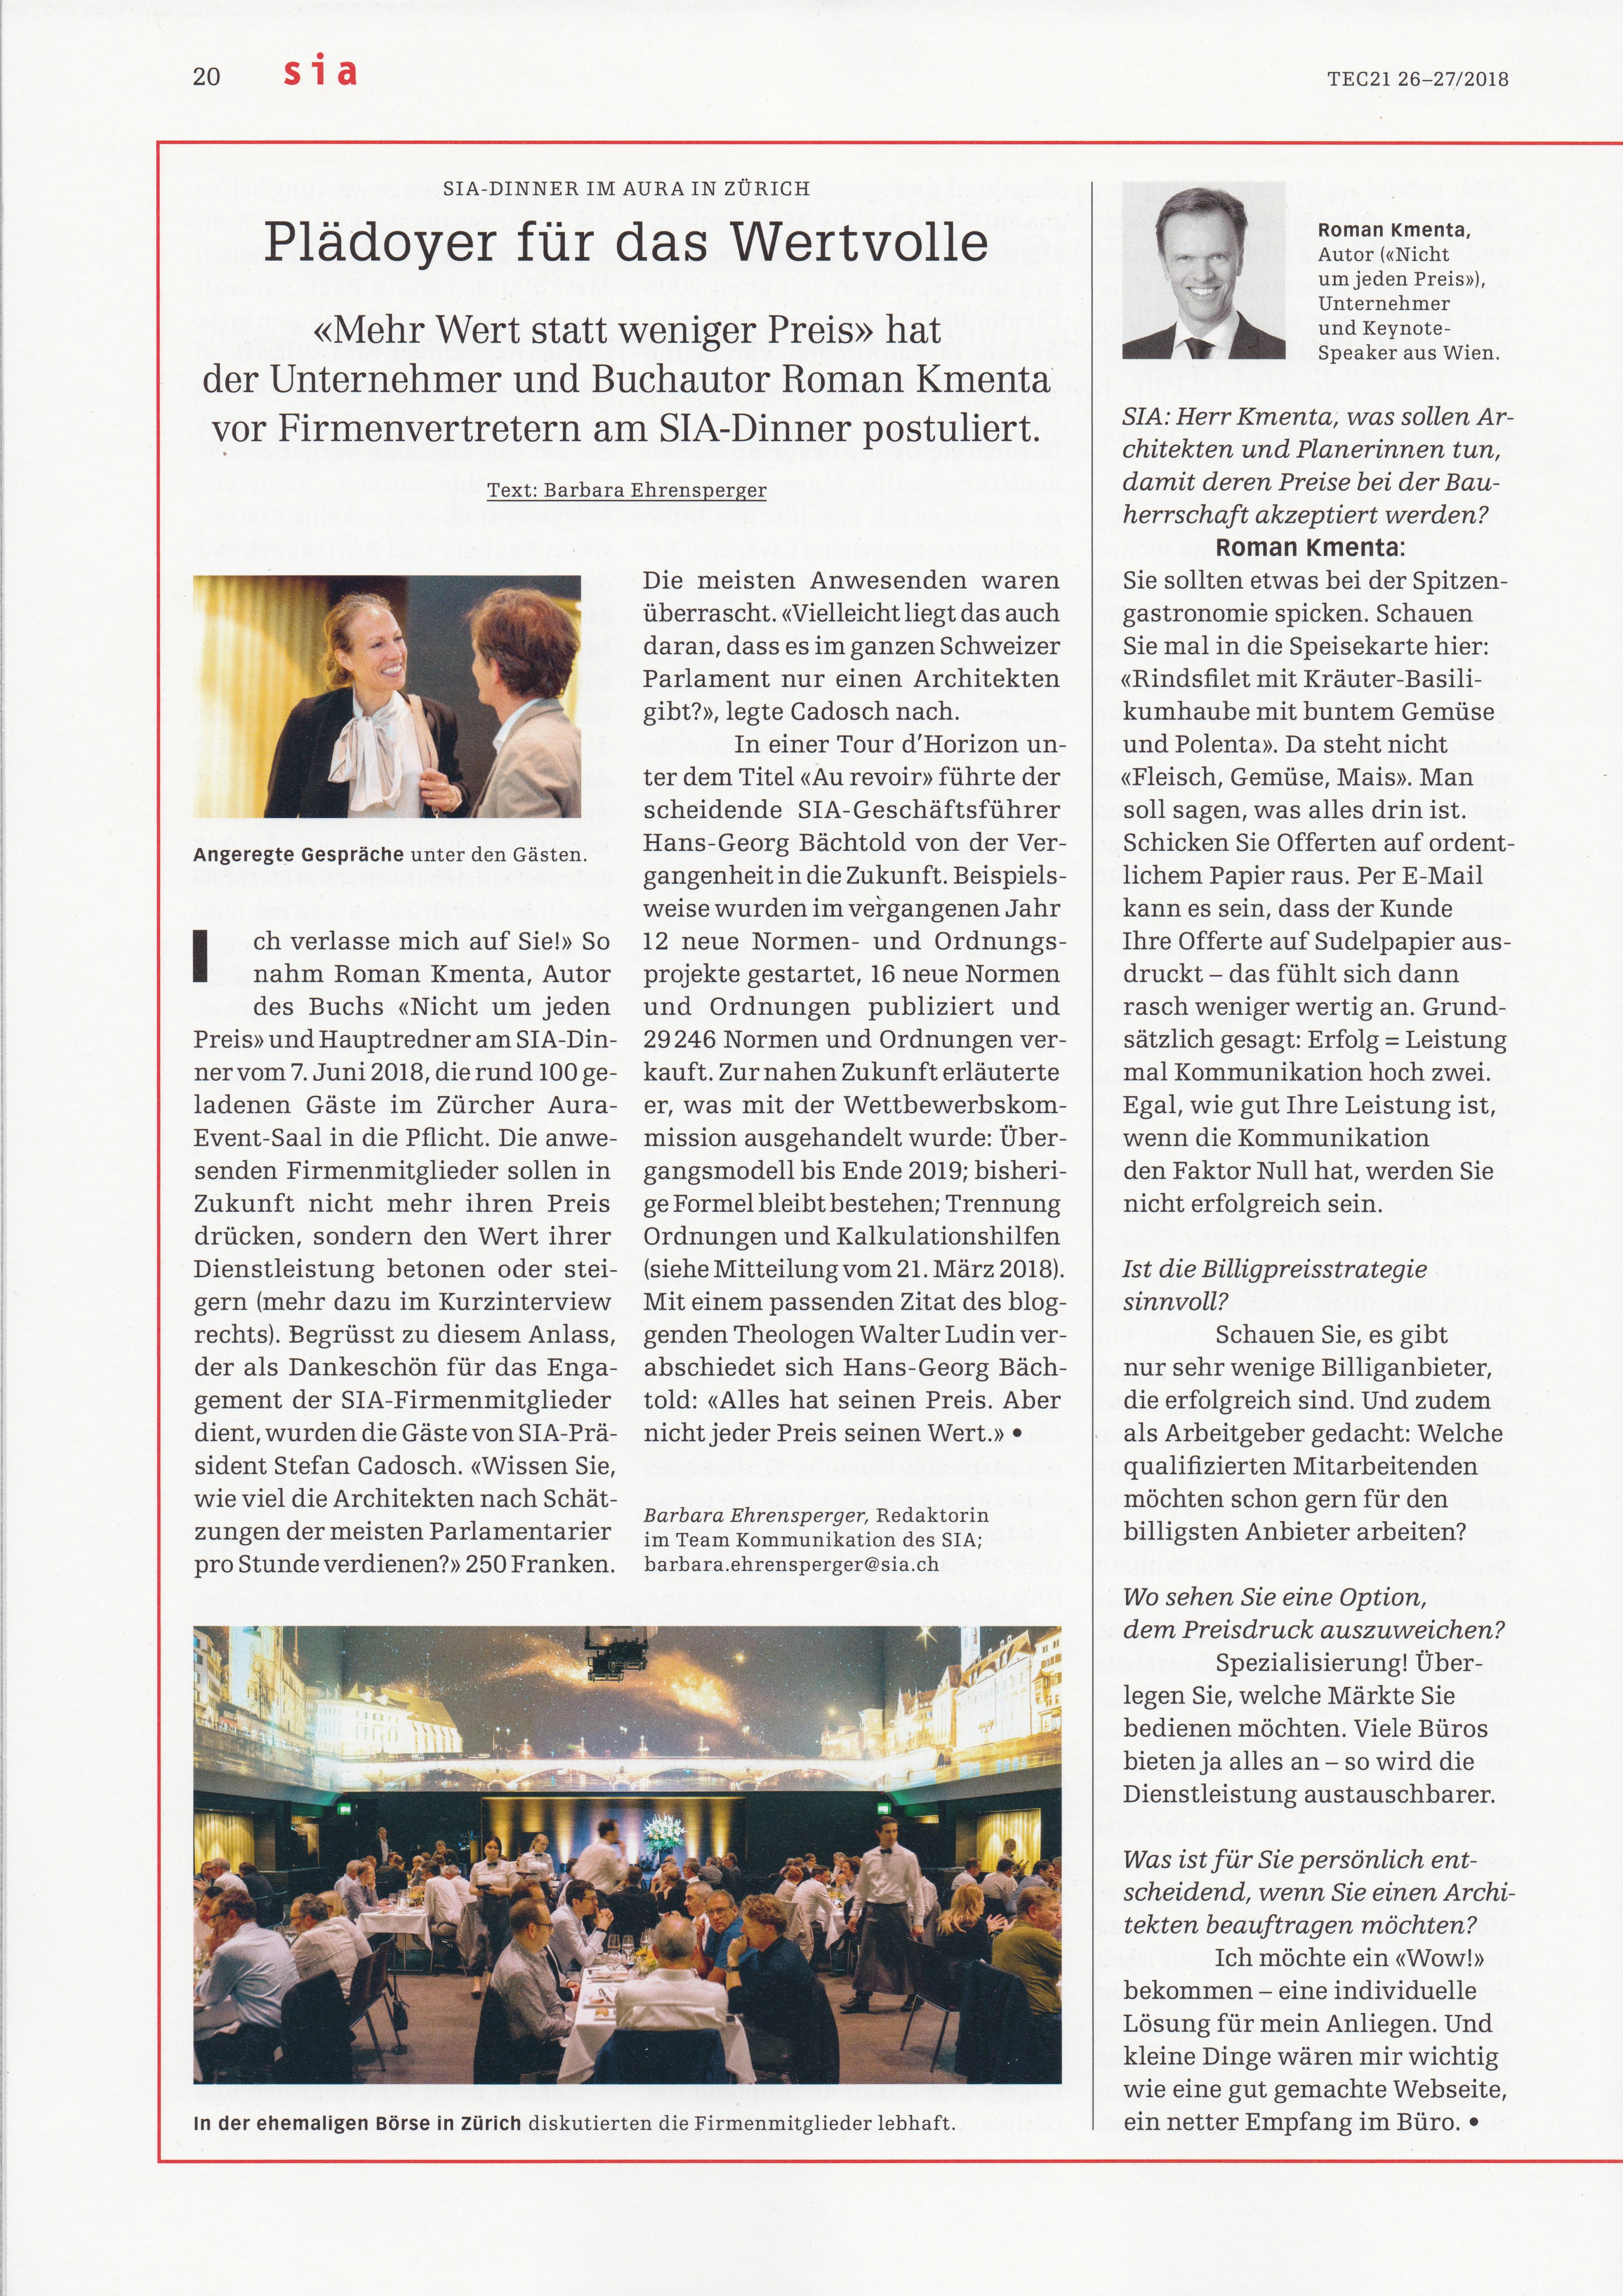 Plädoyer für das Wertvolle - TEC 21 - Schweizerische Bauzeitung - S. 20 - Mag. Roman Kmenta - Unternehmer und Buchautor